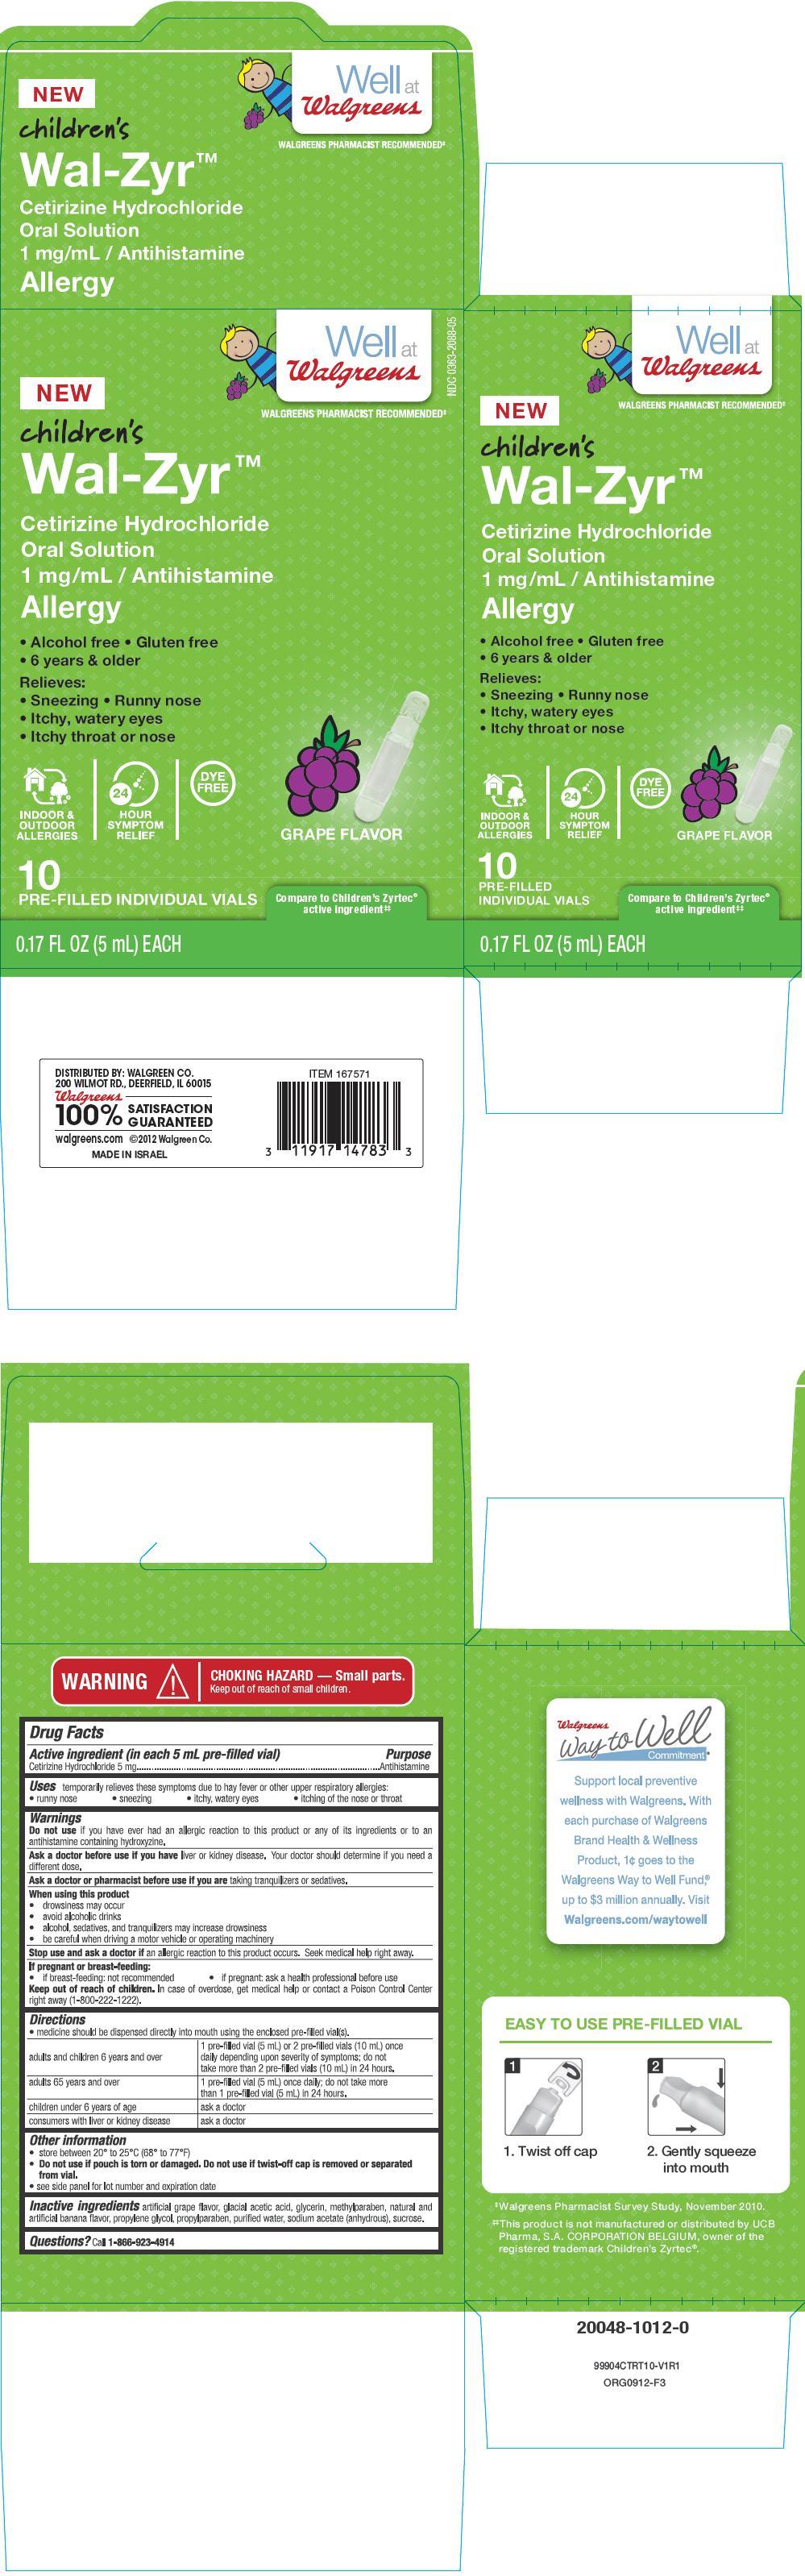 Wal-zyr Cetirizine Hydrochloride (Cetirizine Hydrochloride) Solution [Walgreen Company]